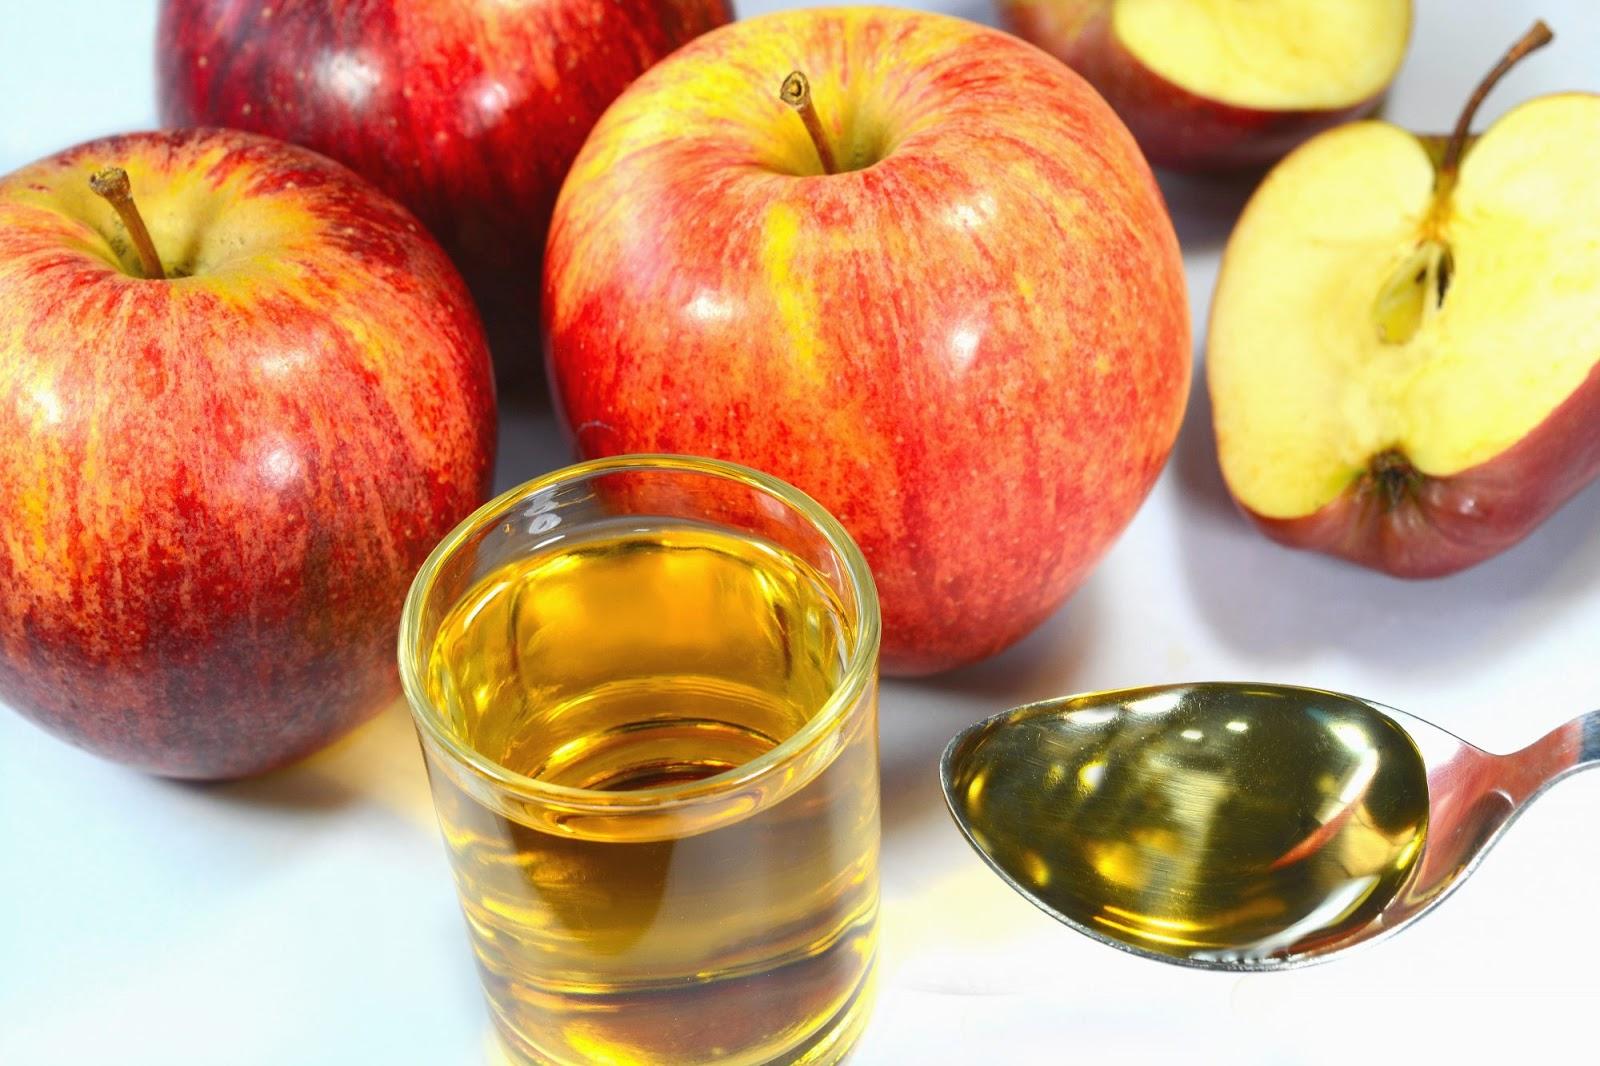 vinagre de manzana para el dolor de garganta